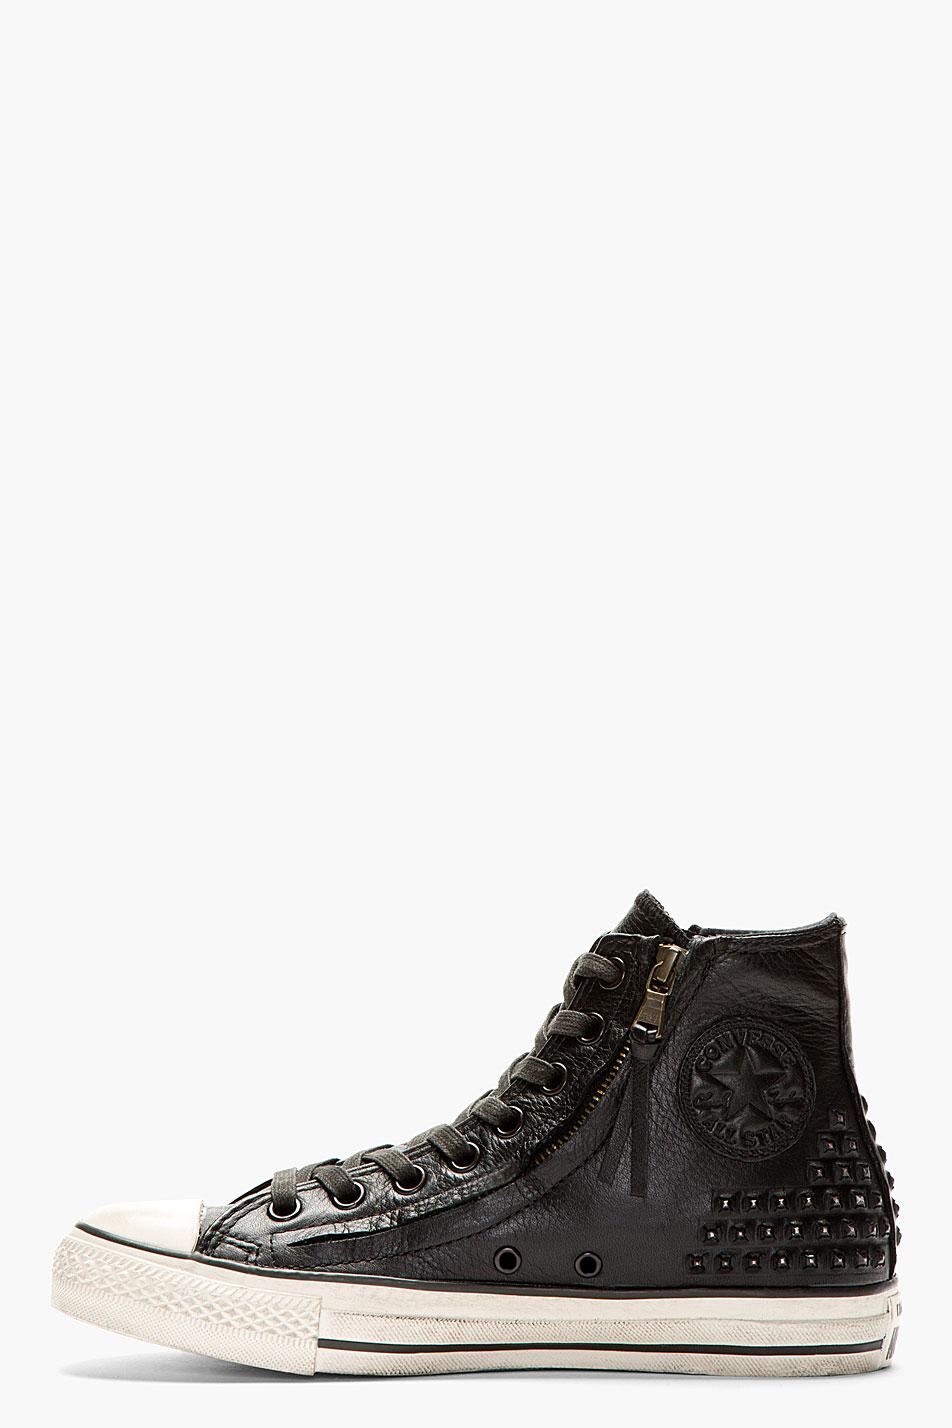 converse safety shoes for men lepi dor